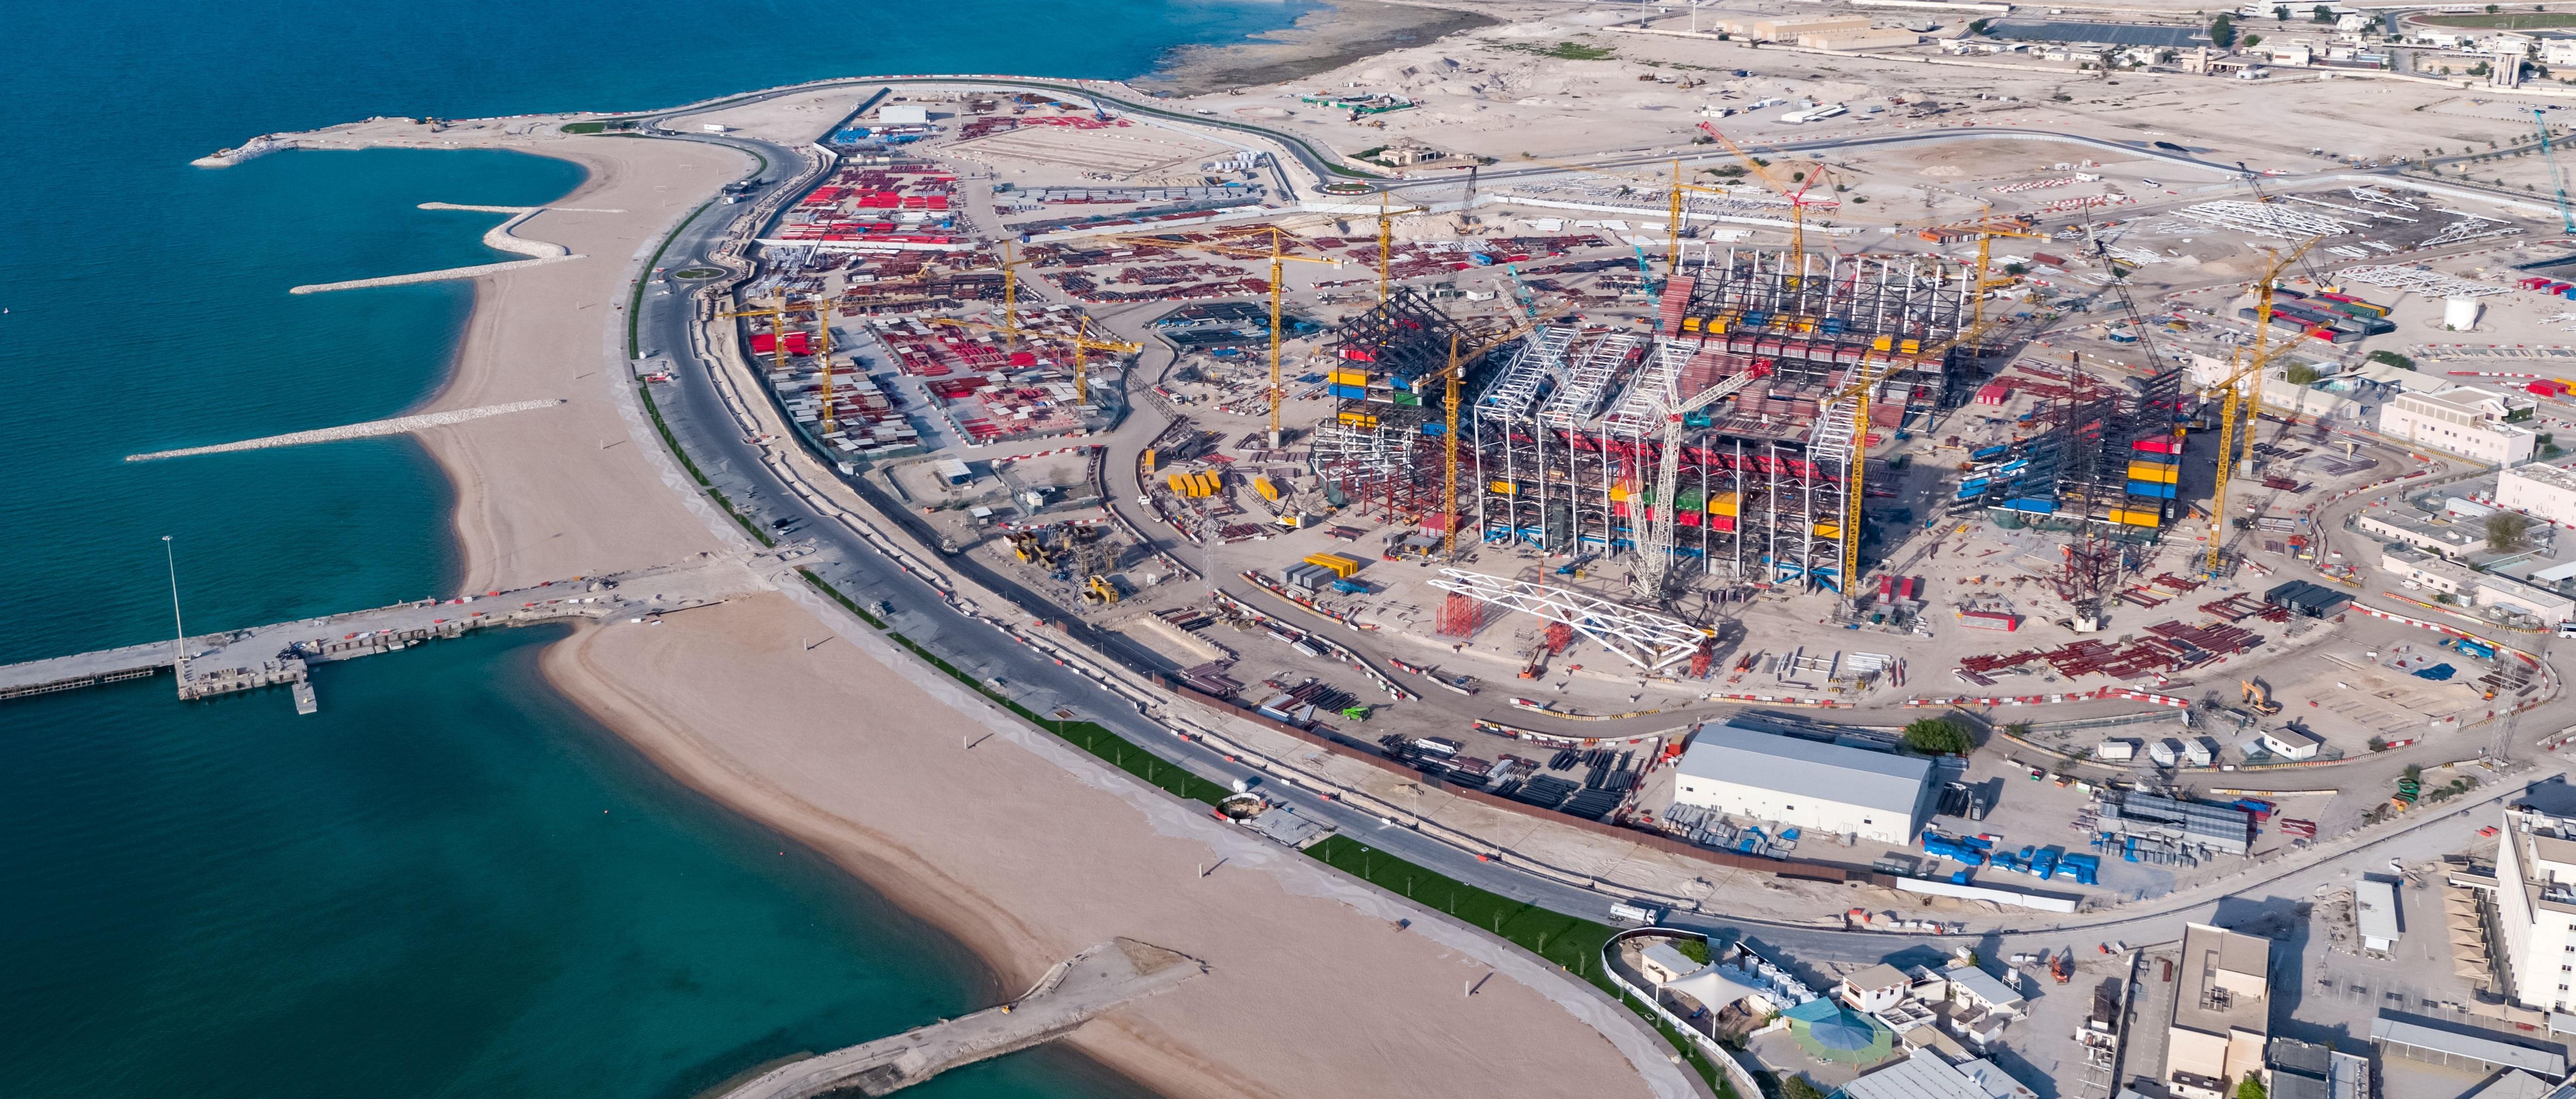 El Estadio Ras Abu Aboud, ubicado en el paseo marítimo de Doha, será completamente desmantelado con secciones donadas para el desarrollo de infraestructura deportiva en otras naciones.